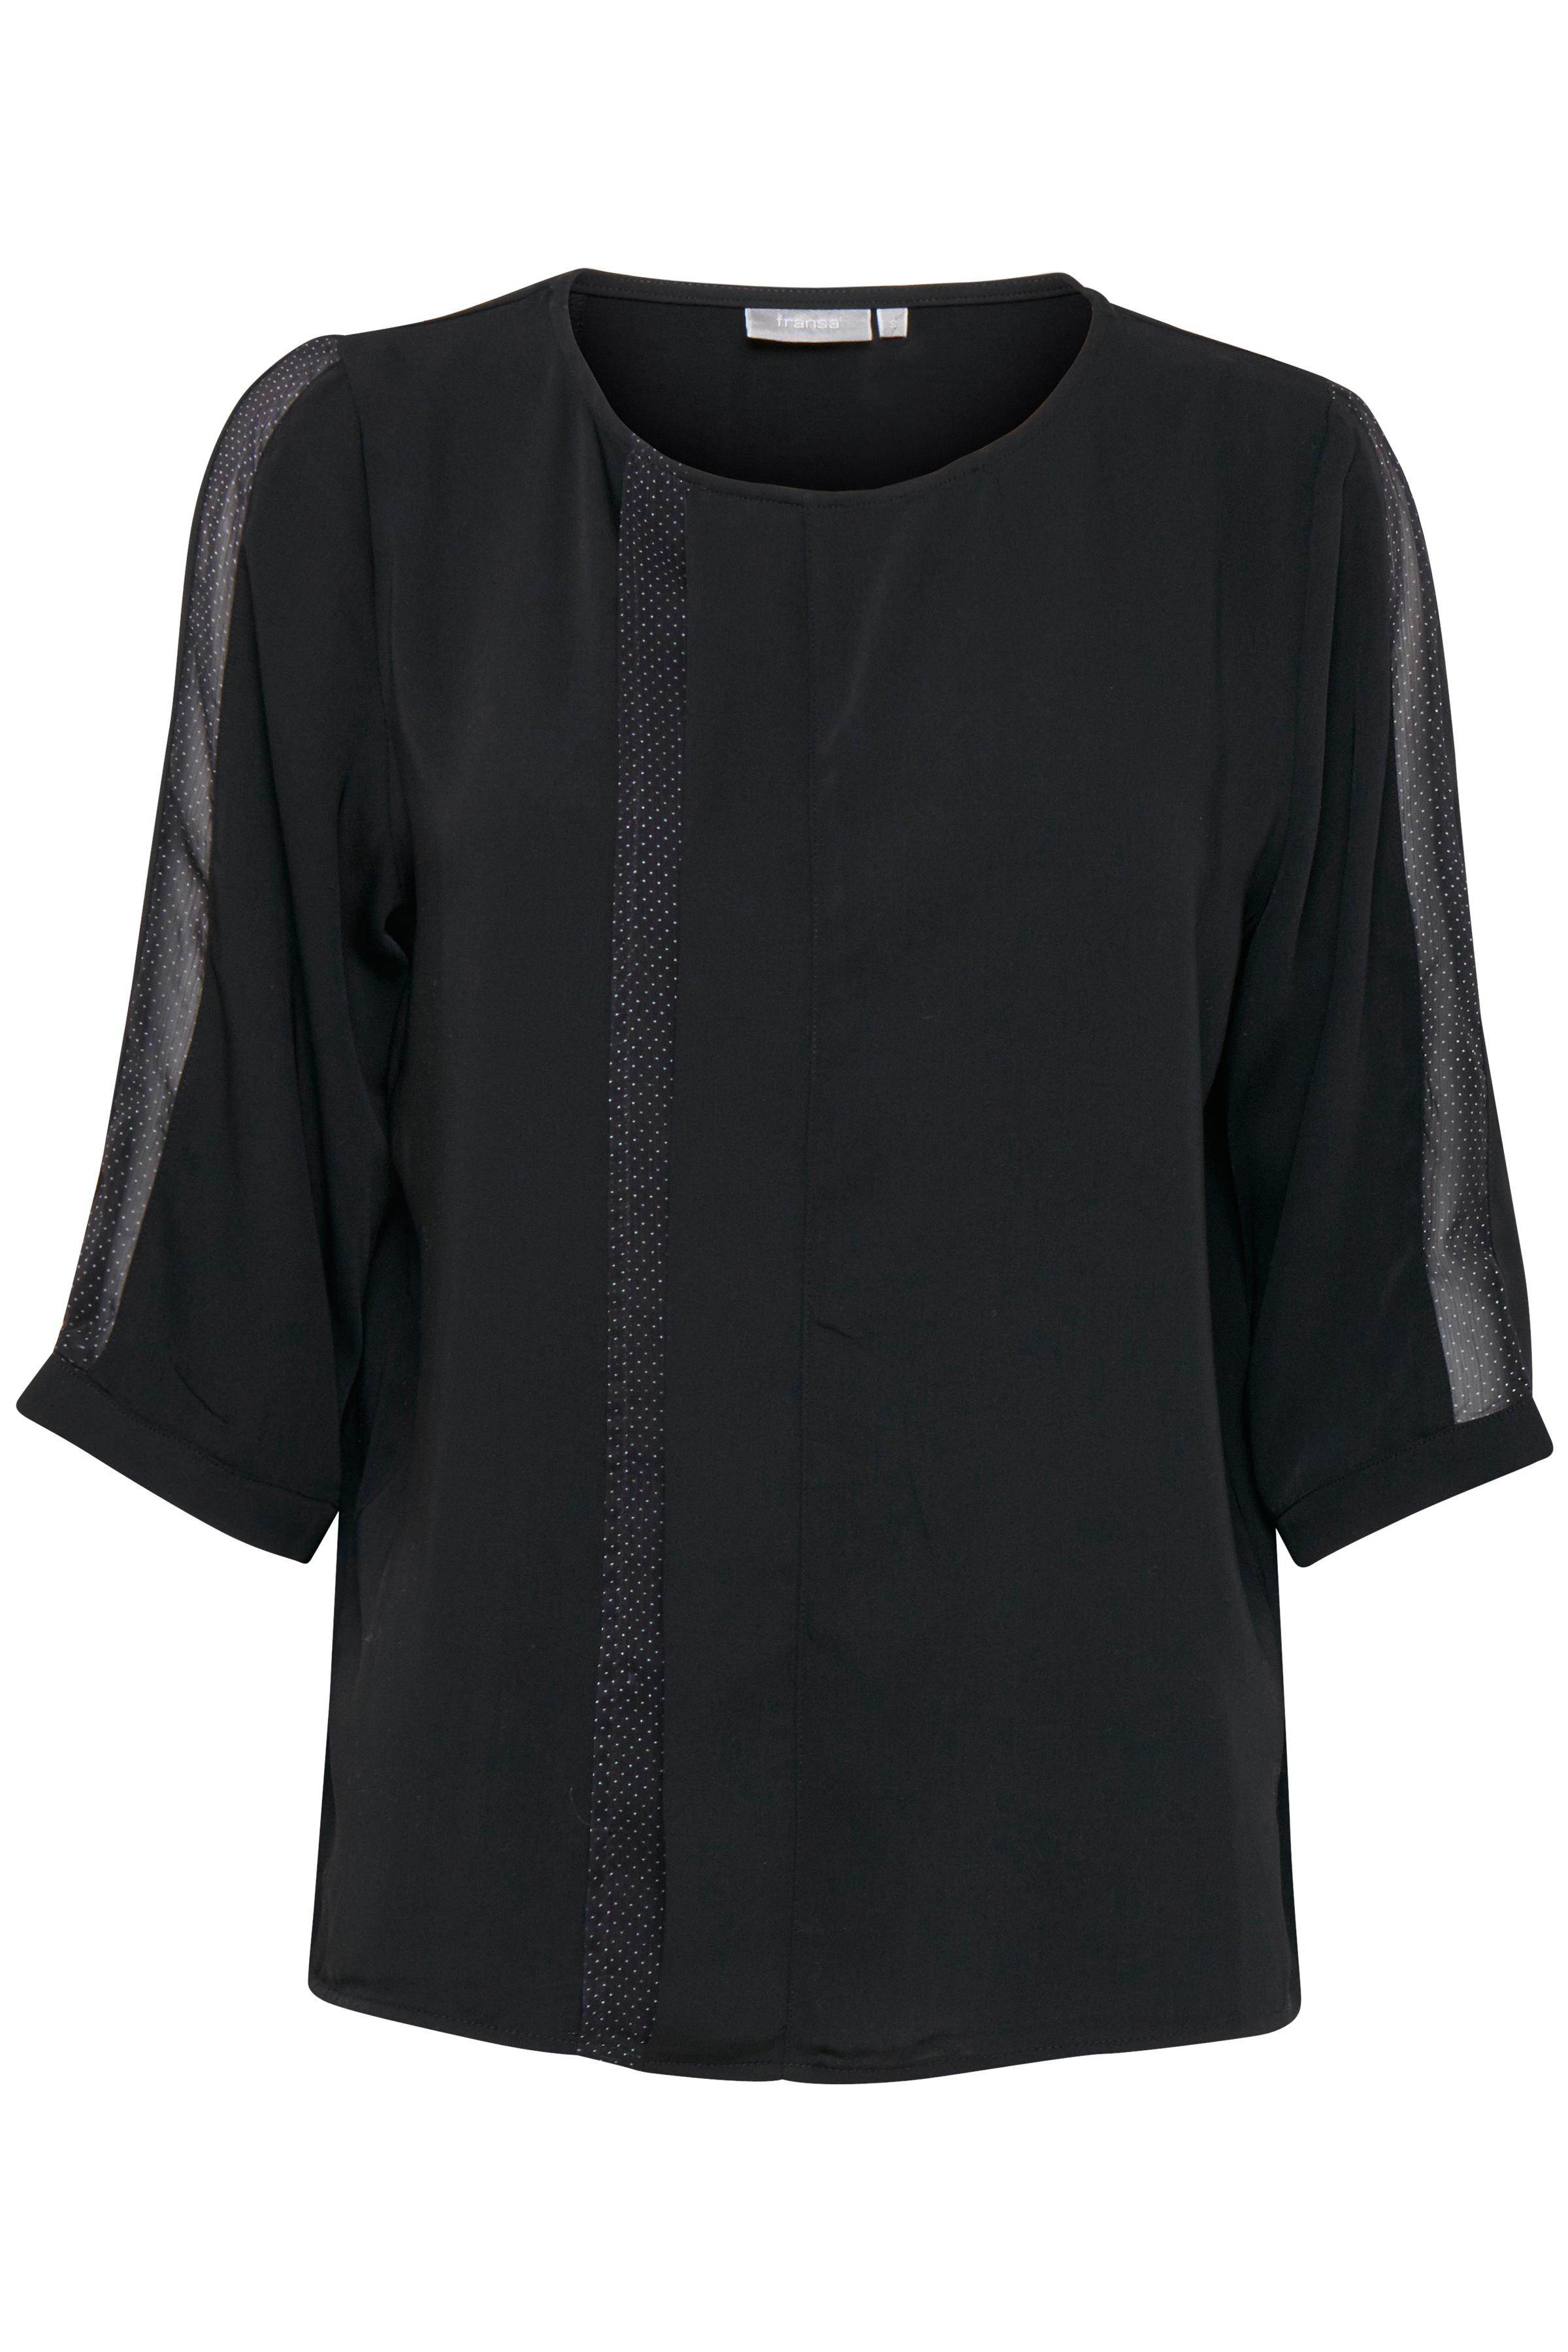 Svart Kortärmad blus från Fransa – Köp Svart Kortärmad blus från stl. XS-XXL här